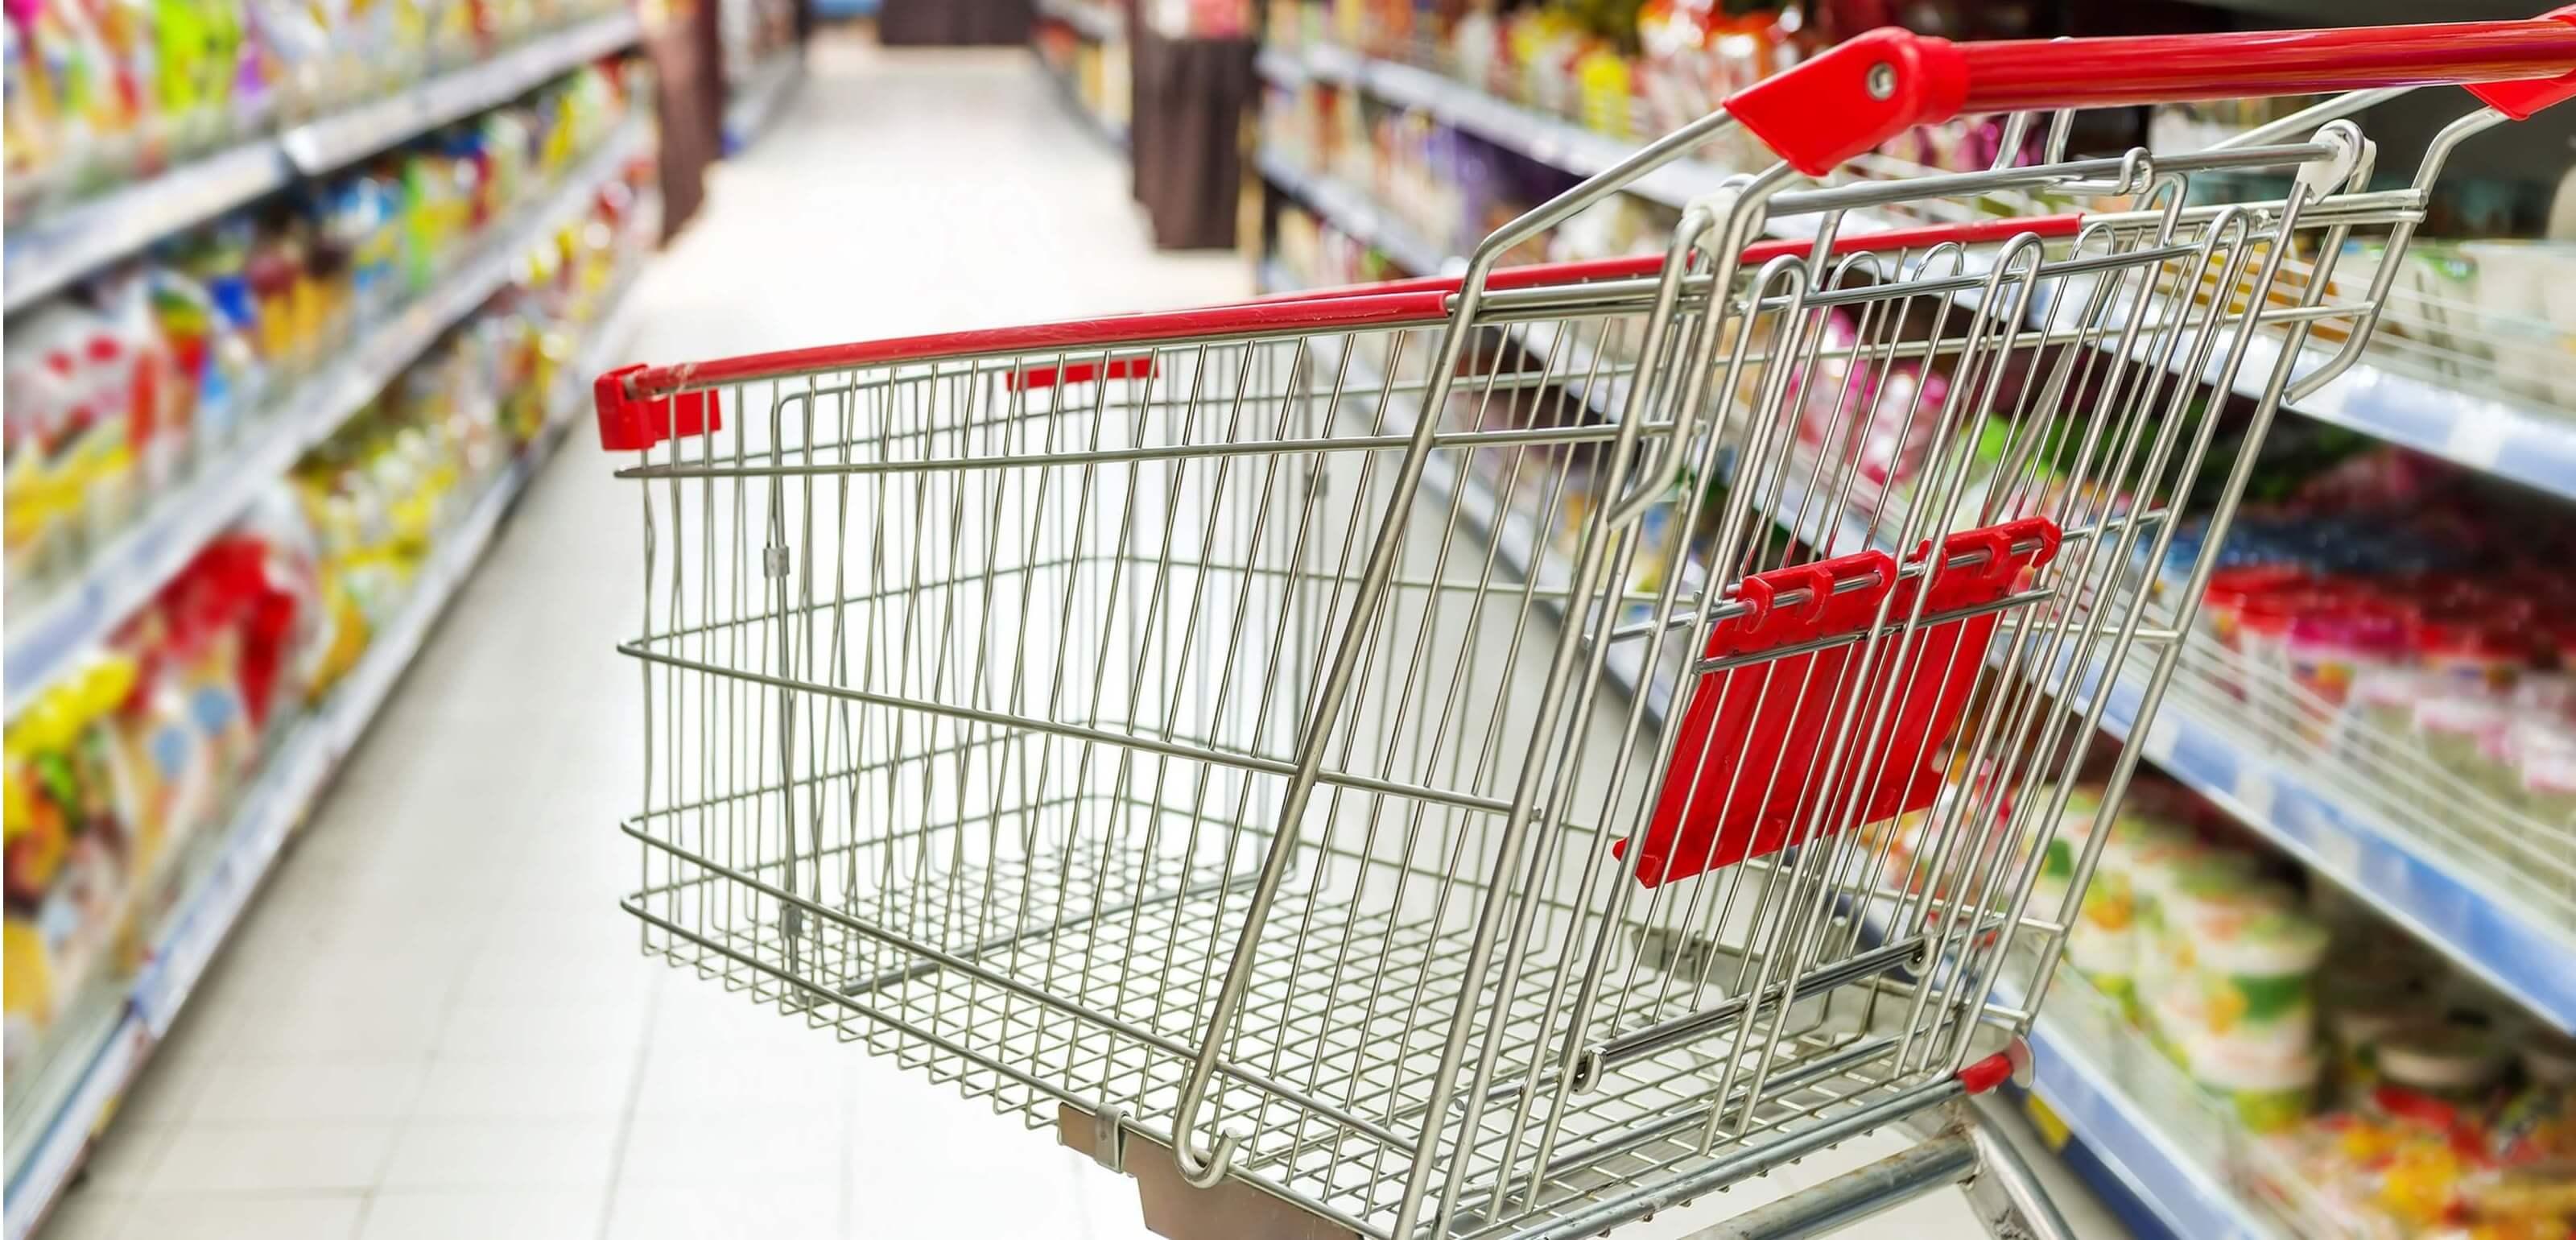 Експерти прогнозують зростання цін на продукти